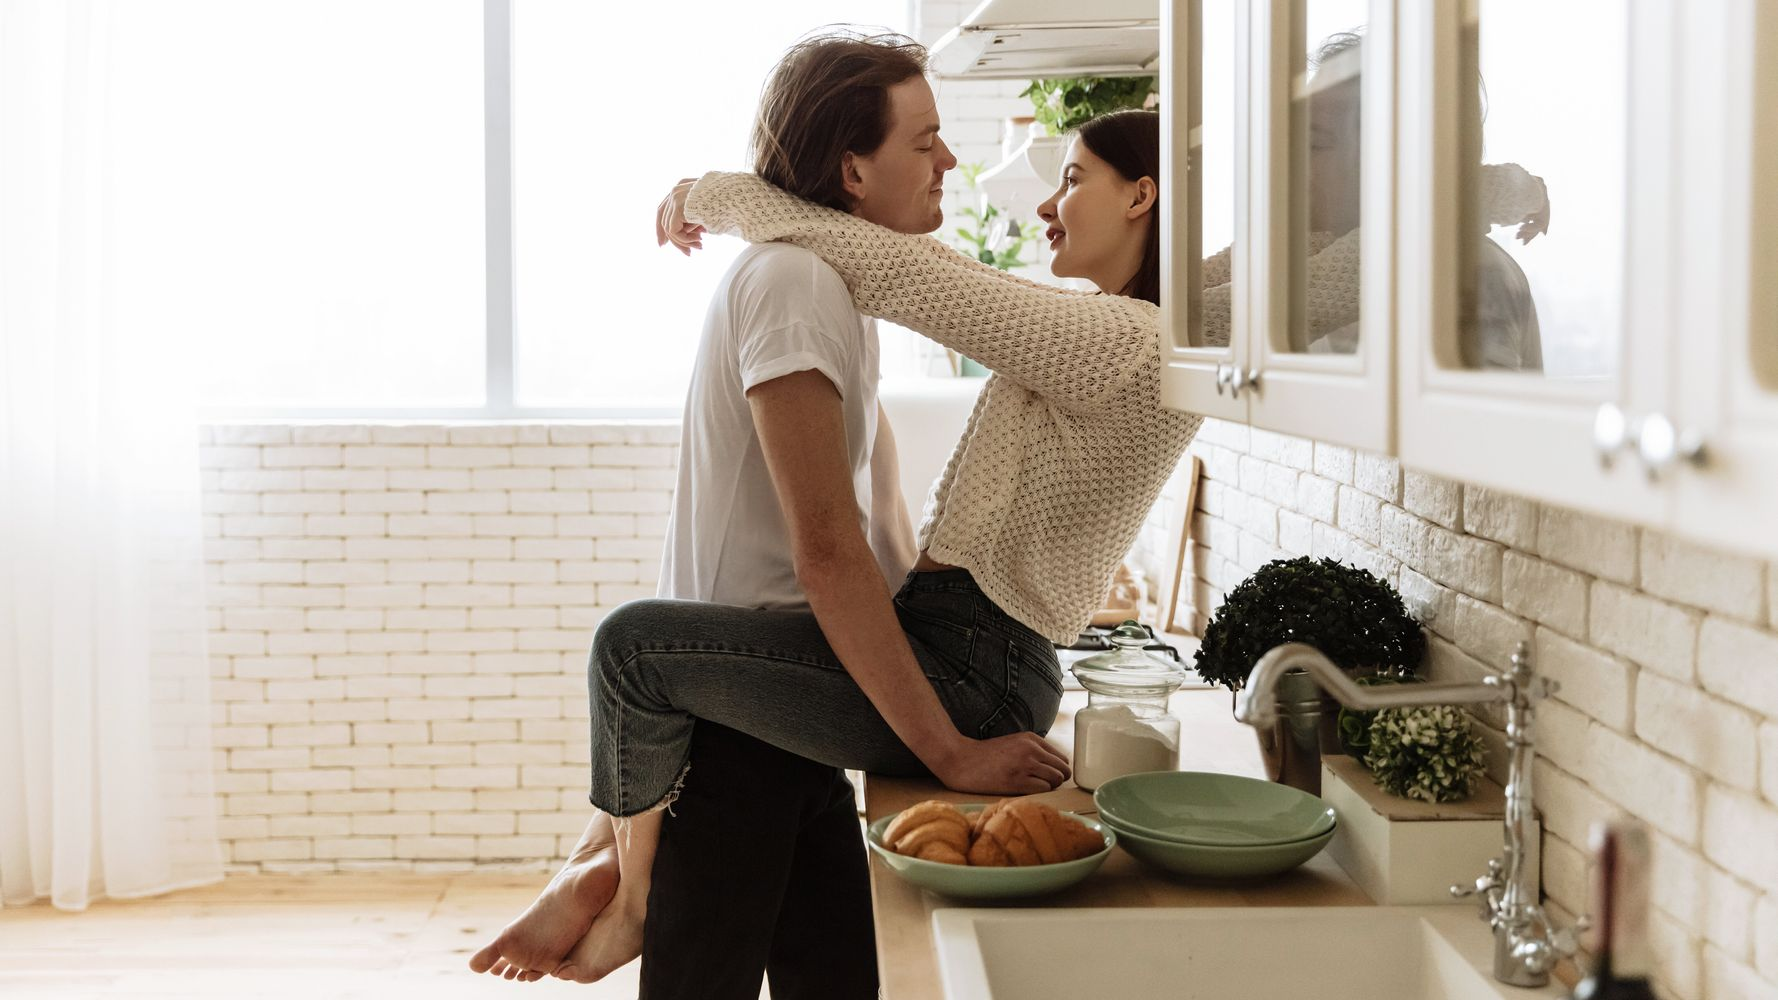 5 astuces pour faire l'amour debout comme dans les films